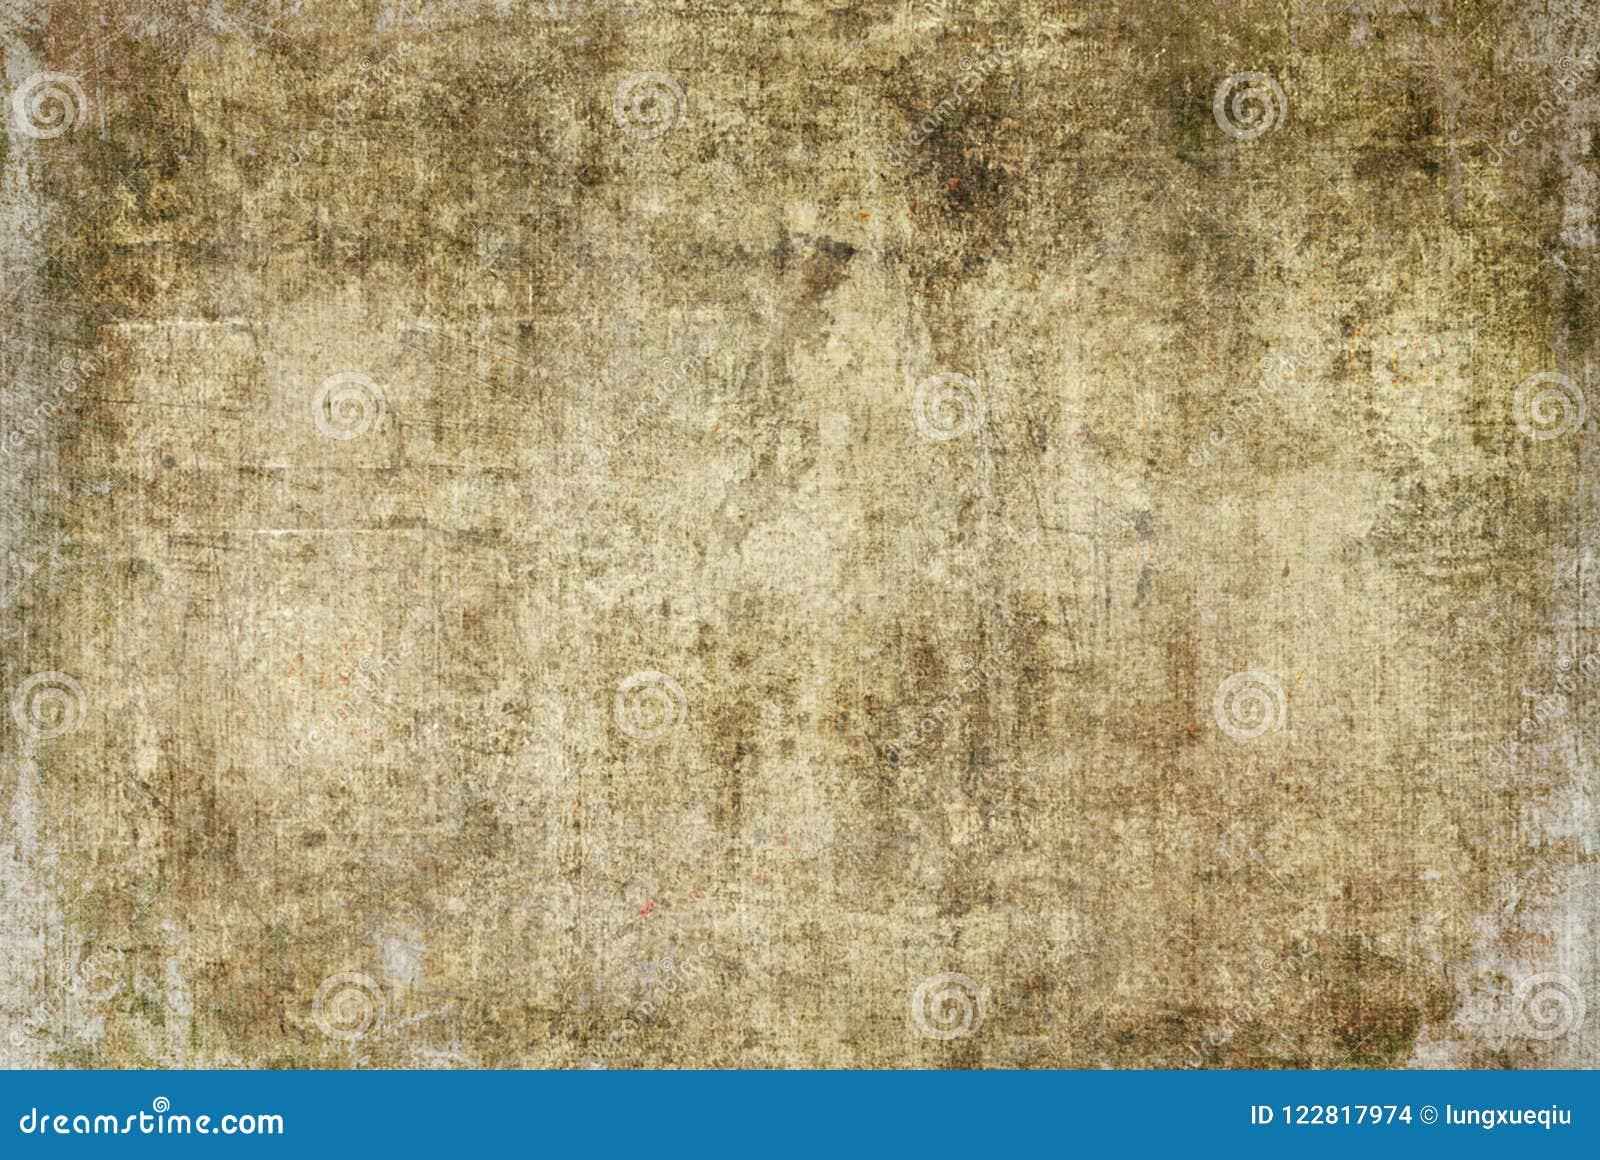 Modelo oscuro agrietado Brown Autumn Background Wallpaper de la textura de la pintura de la lona de Rusty Distorted Decay Old Abs